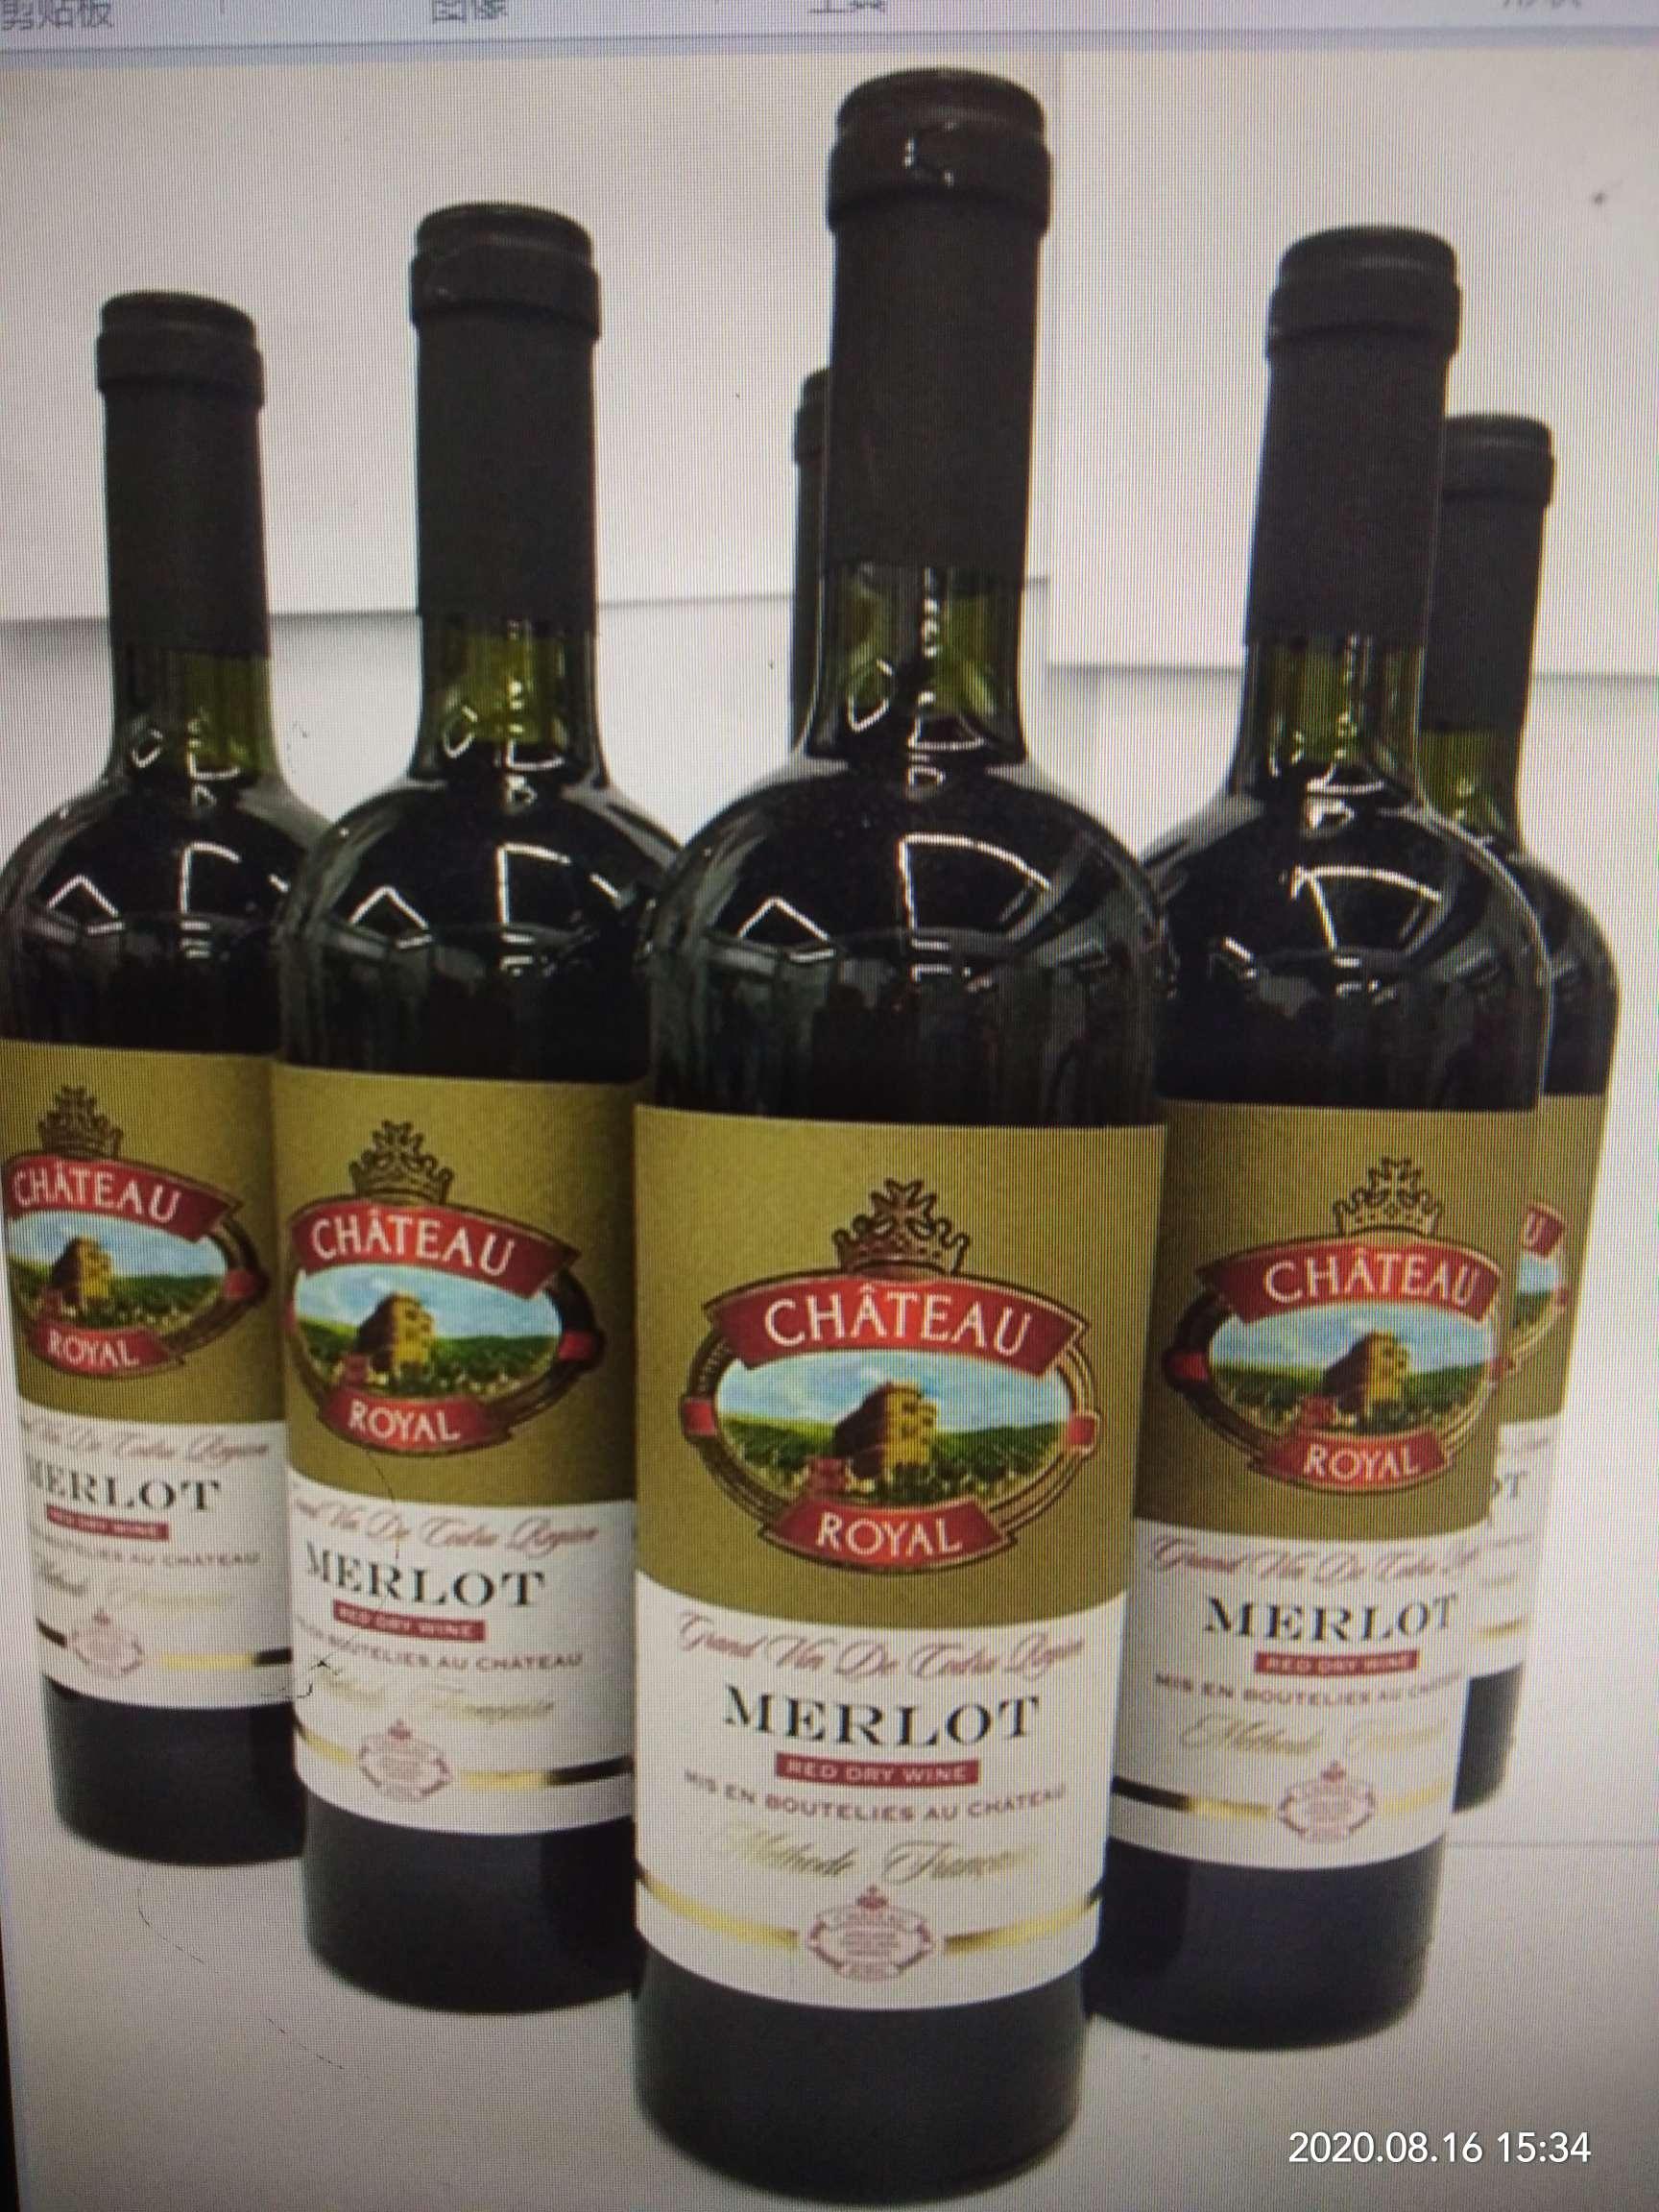 摩尔多瓦红酒原装原装原箱米戈尔堡2017   6瓶一箱13度 梅洛 赤霞珠两种口感